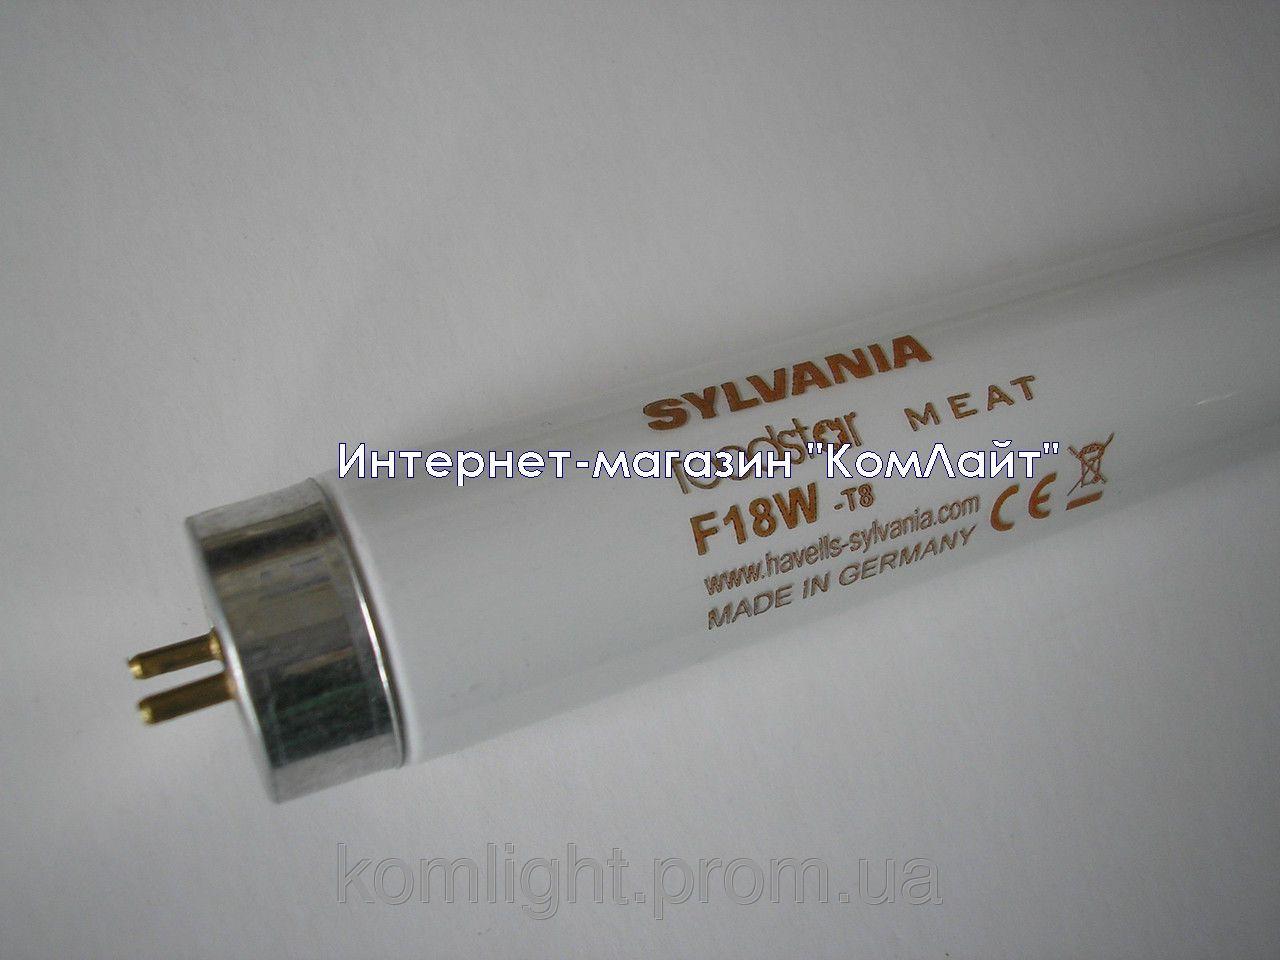 """Лампа для мяса Sylvania 18W/176 G13 Foodstar/Meat (Германия) - Интернет-магазин """" КомЛайт"""" в Киеве"""